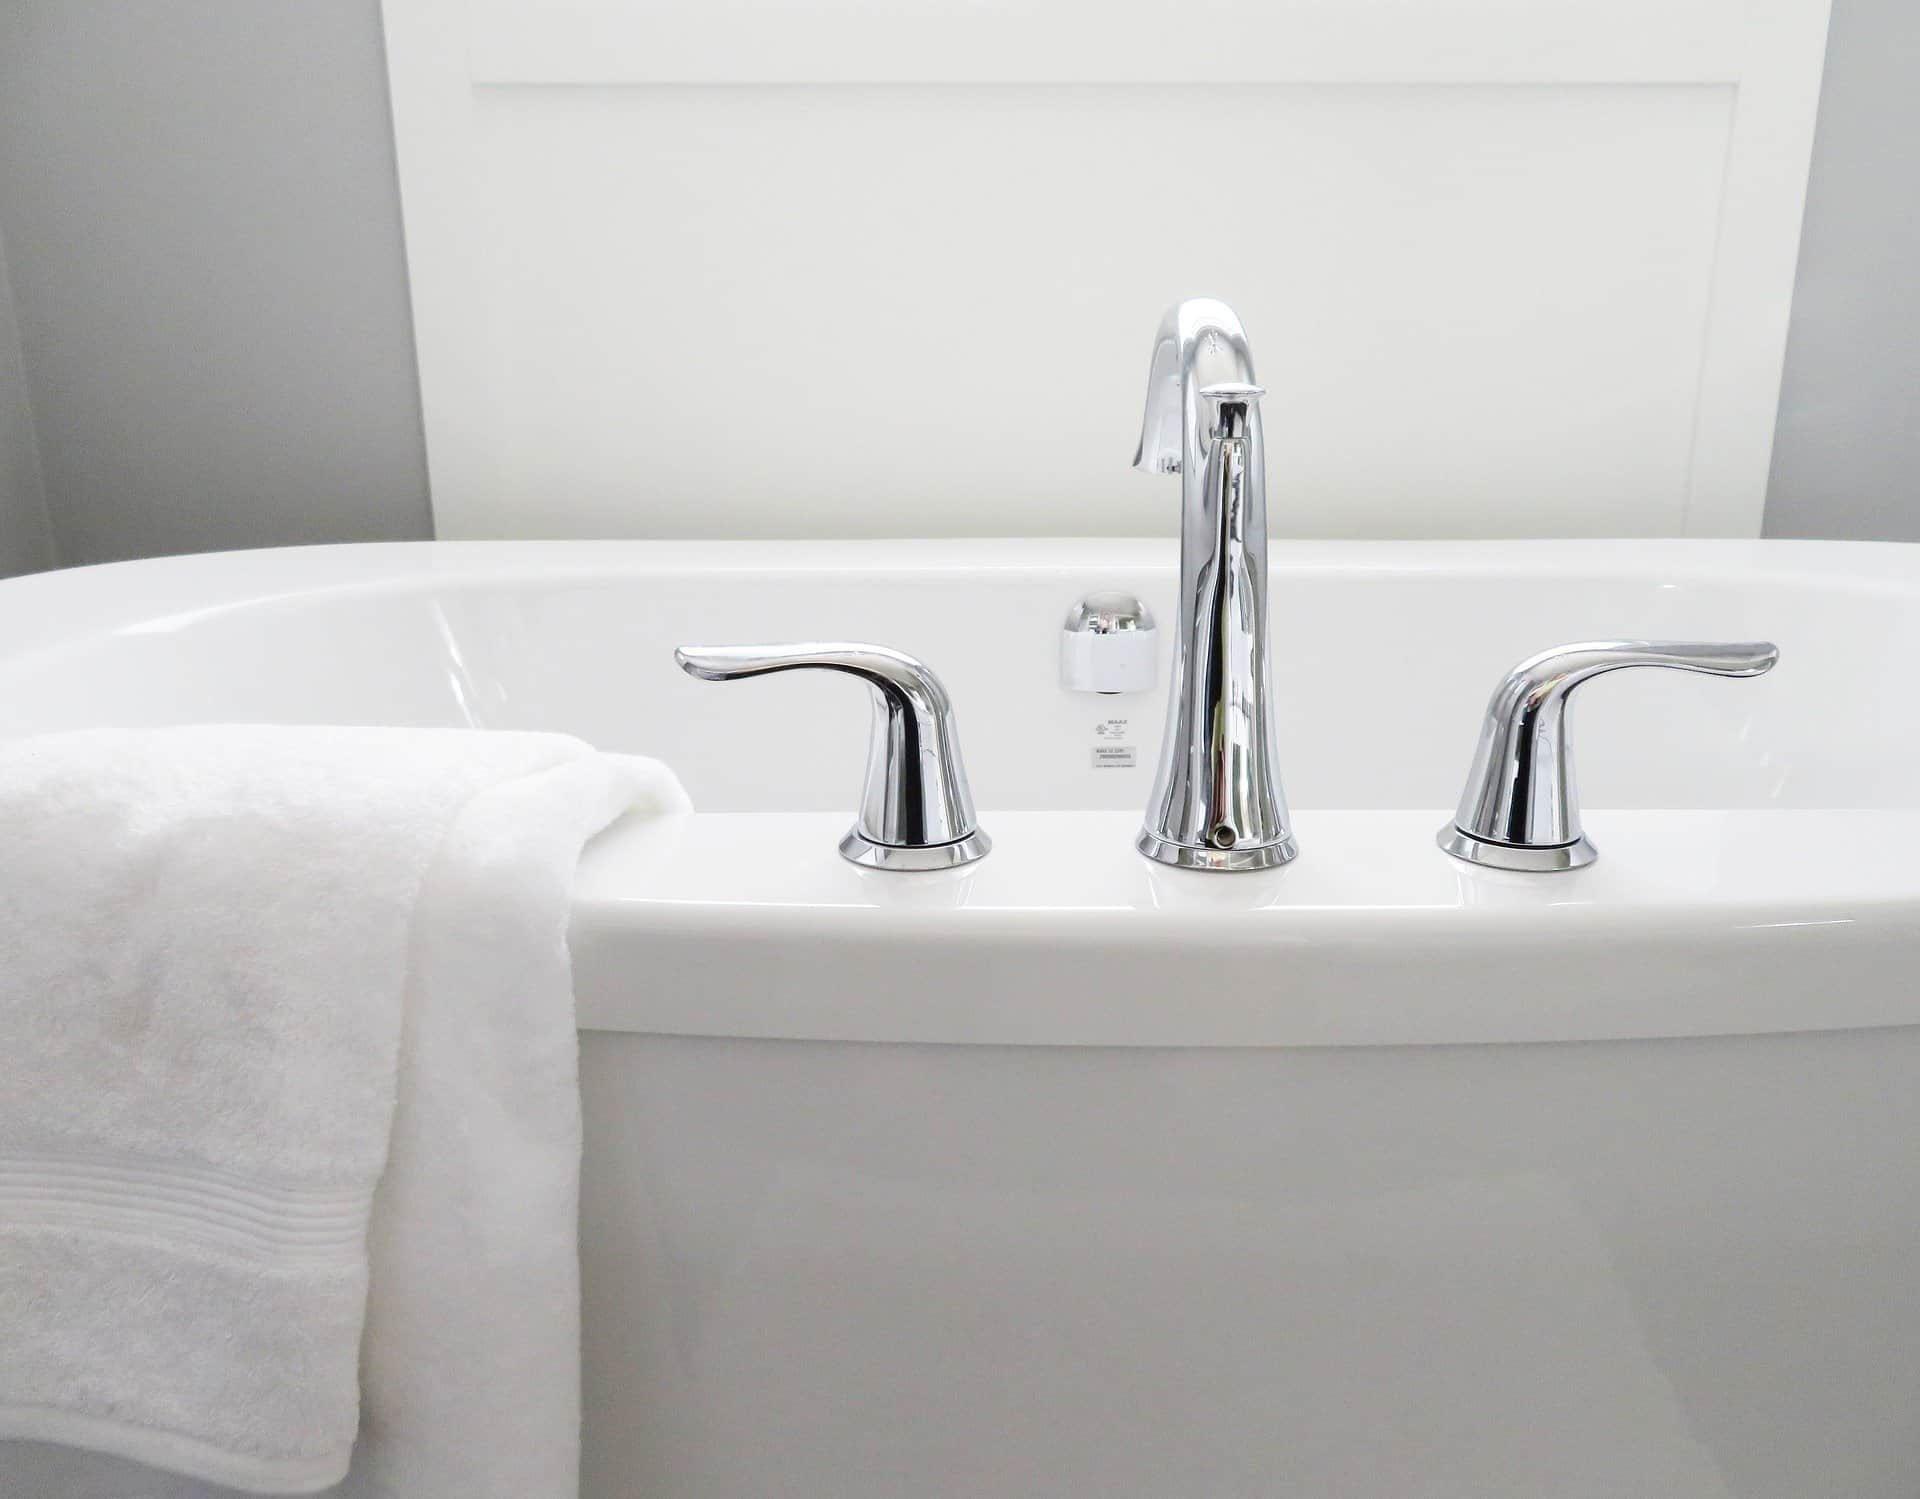 modernes Waschbecken in weiß mit weißem Frotteehandtuch